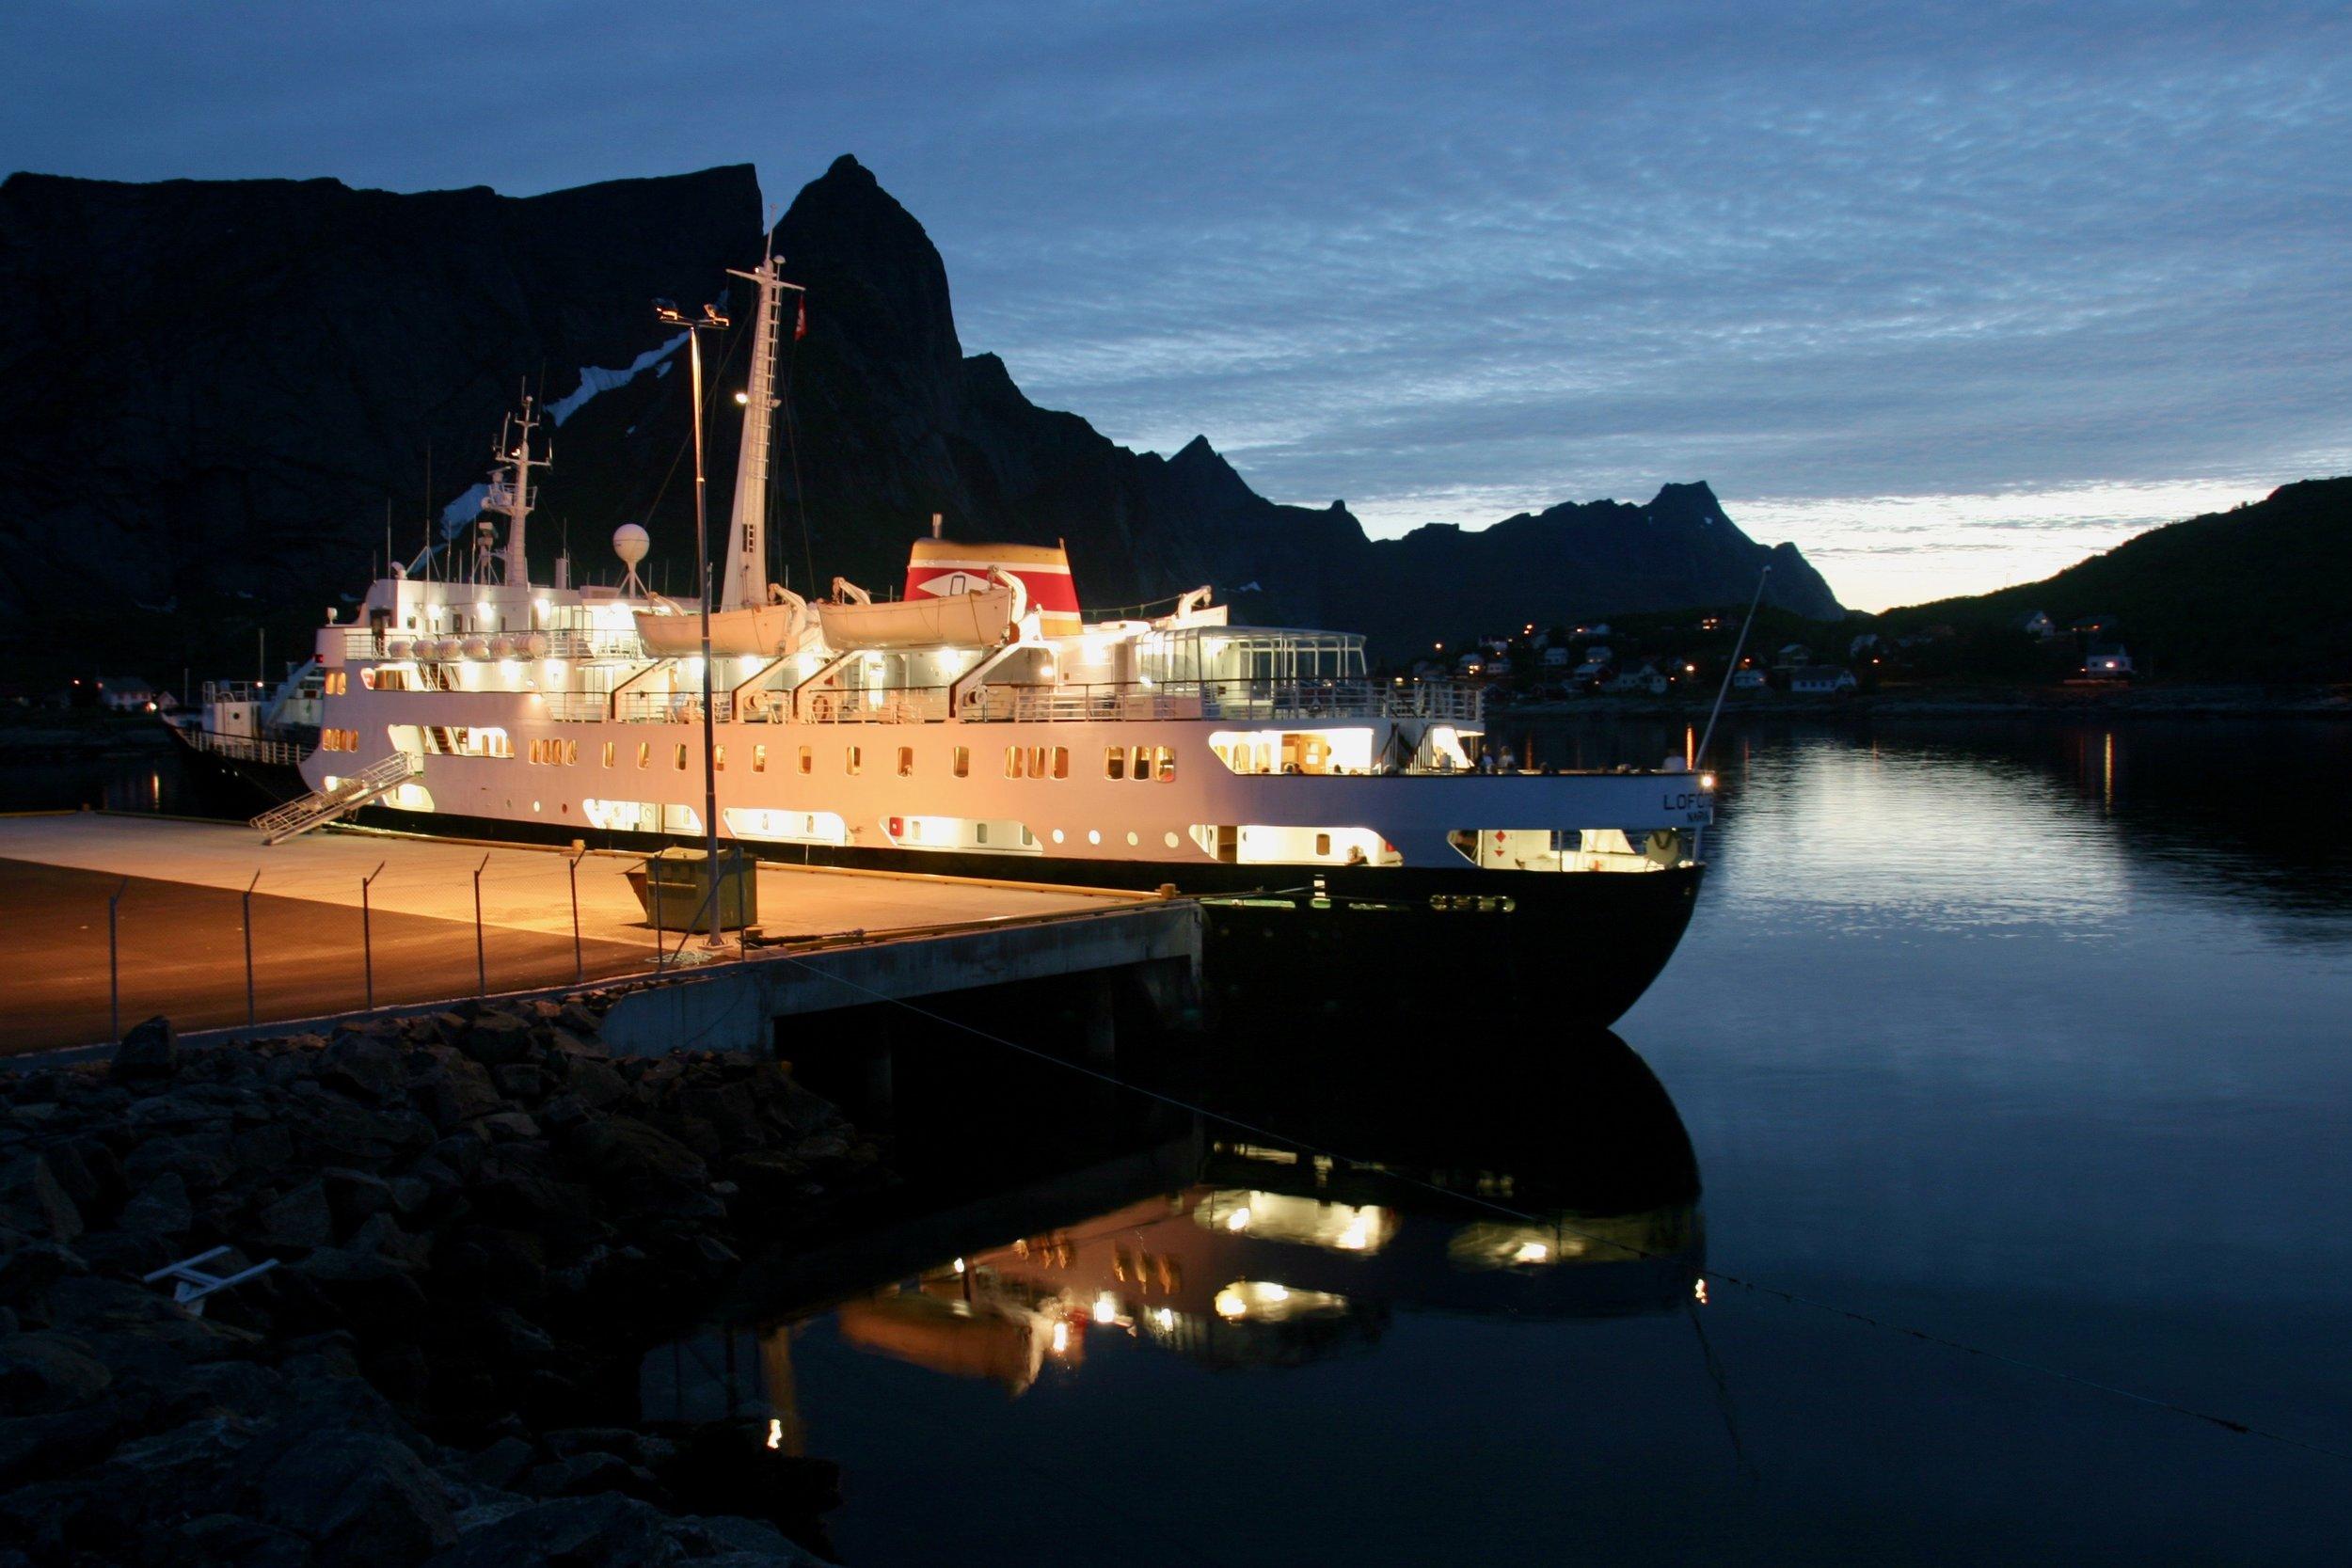 MS Lofoten gikk på nostalgicruise til Reine i Lofoten. Nå tar Hurtigrutens nye ekspedisjonsskip over. Foto: Odd Roar Lange